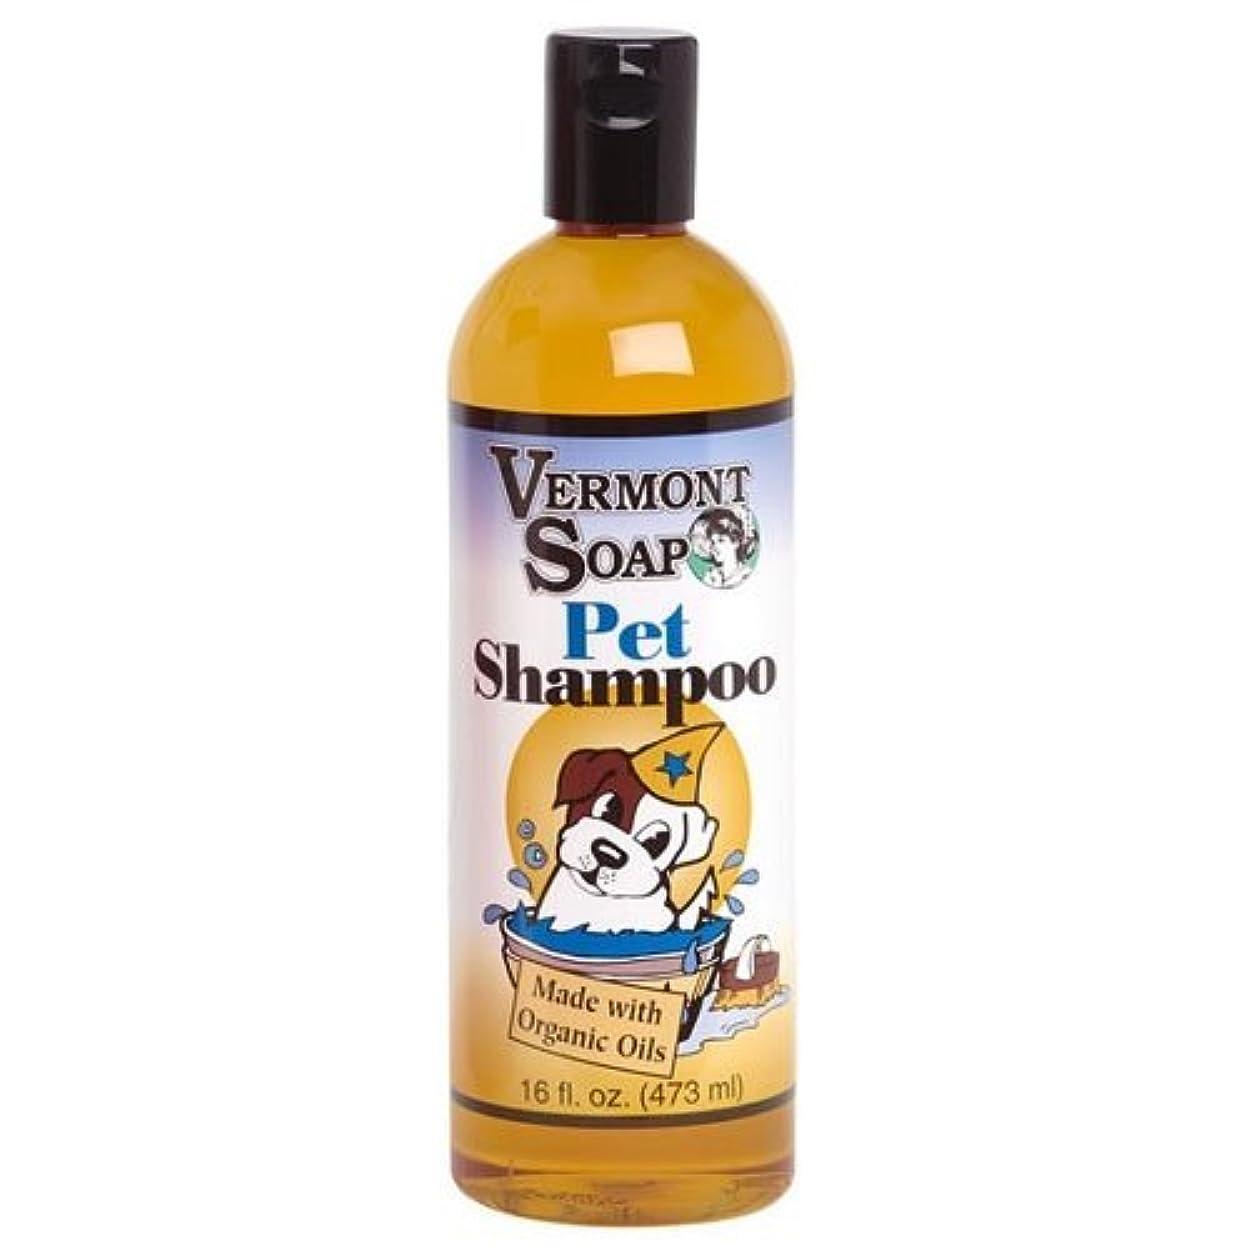 パーチナシティ飼いならす貸し手バーモントソープ オーガニック ペットシャンプー Pet Shampoo